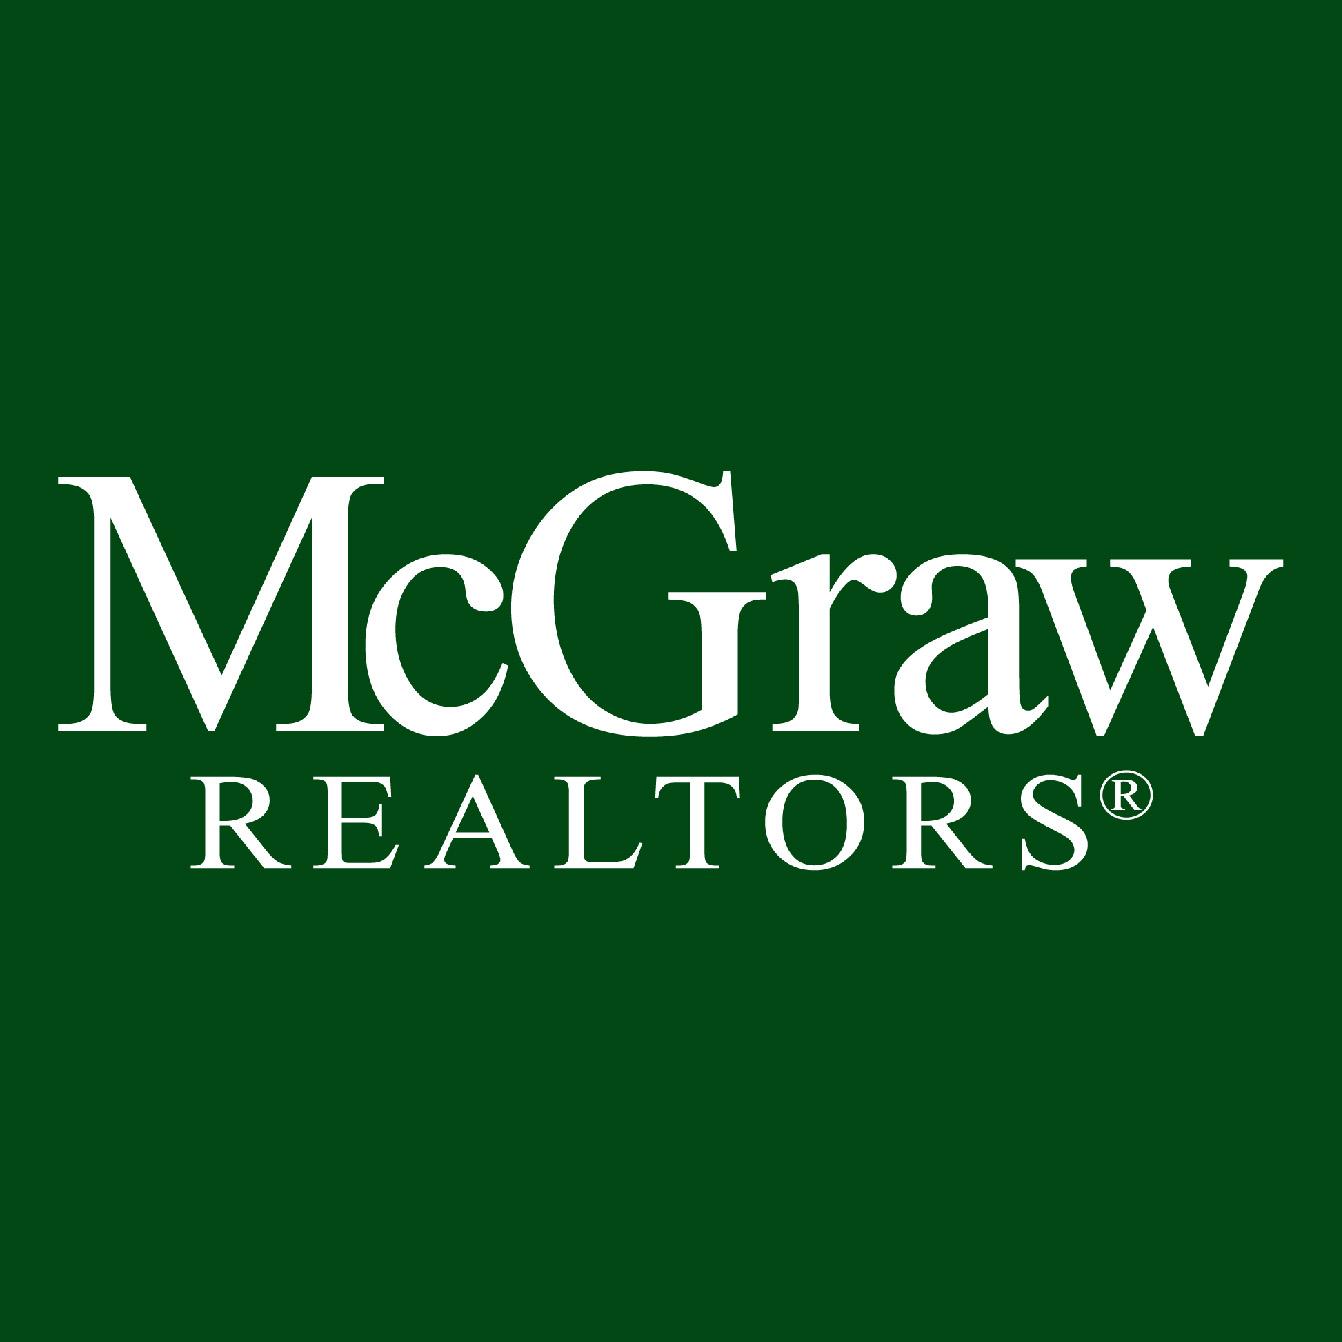 McGraw Realtors - Hot Springs